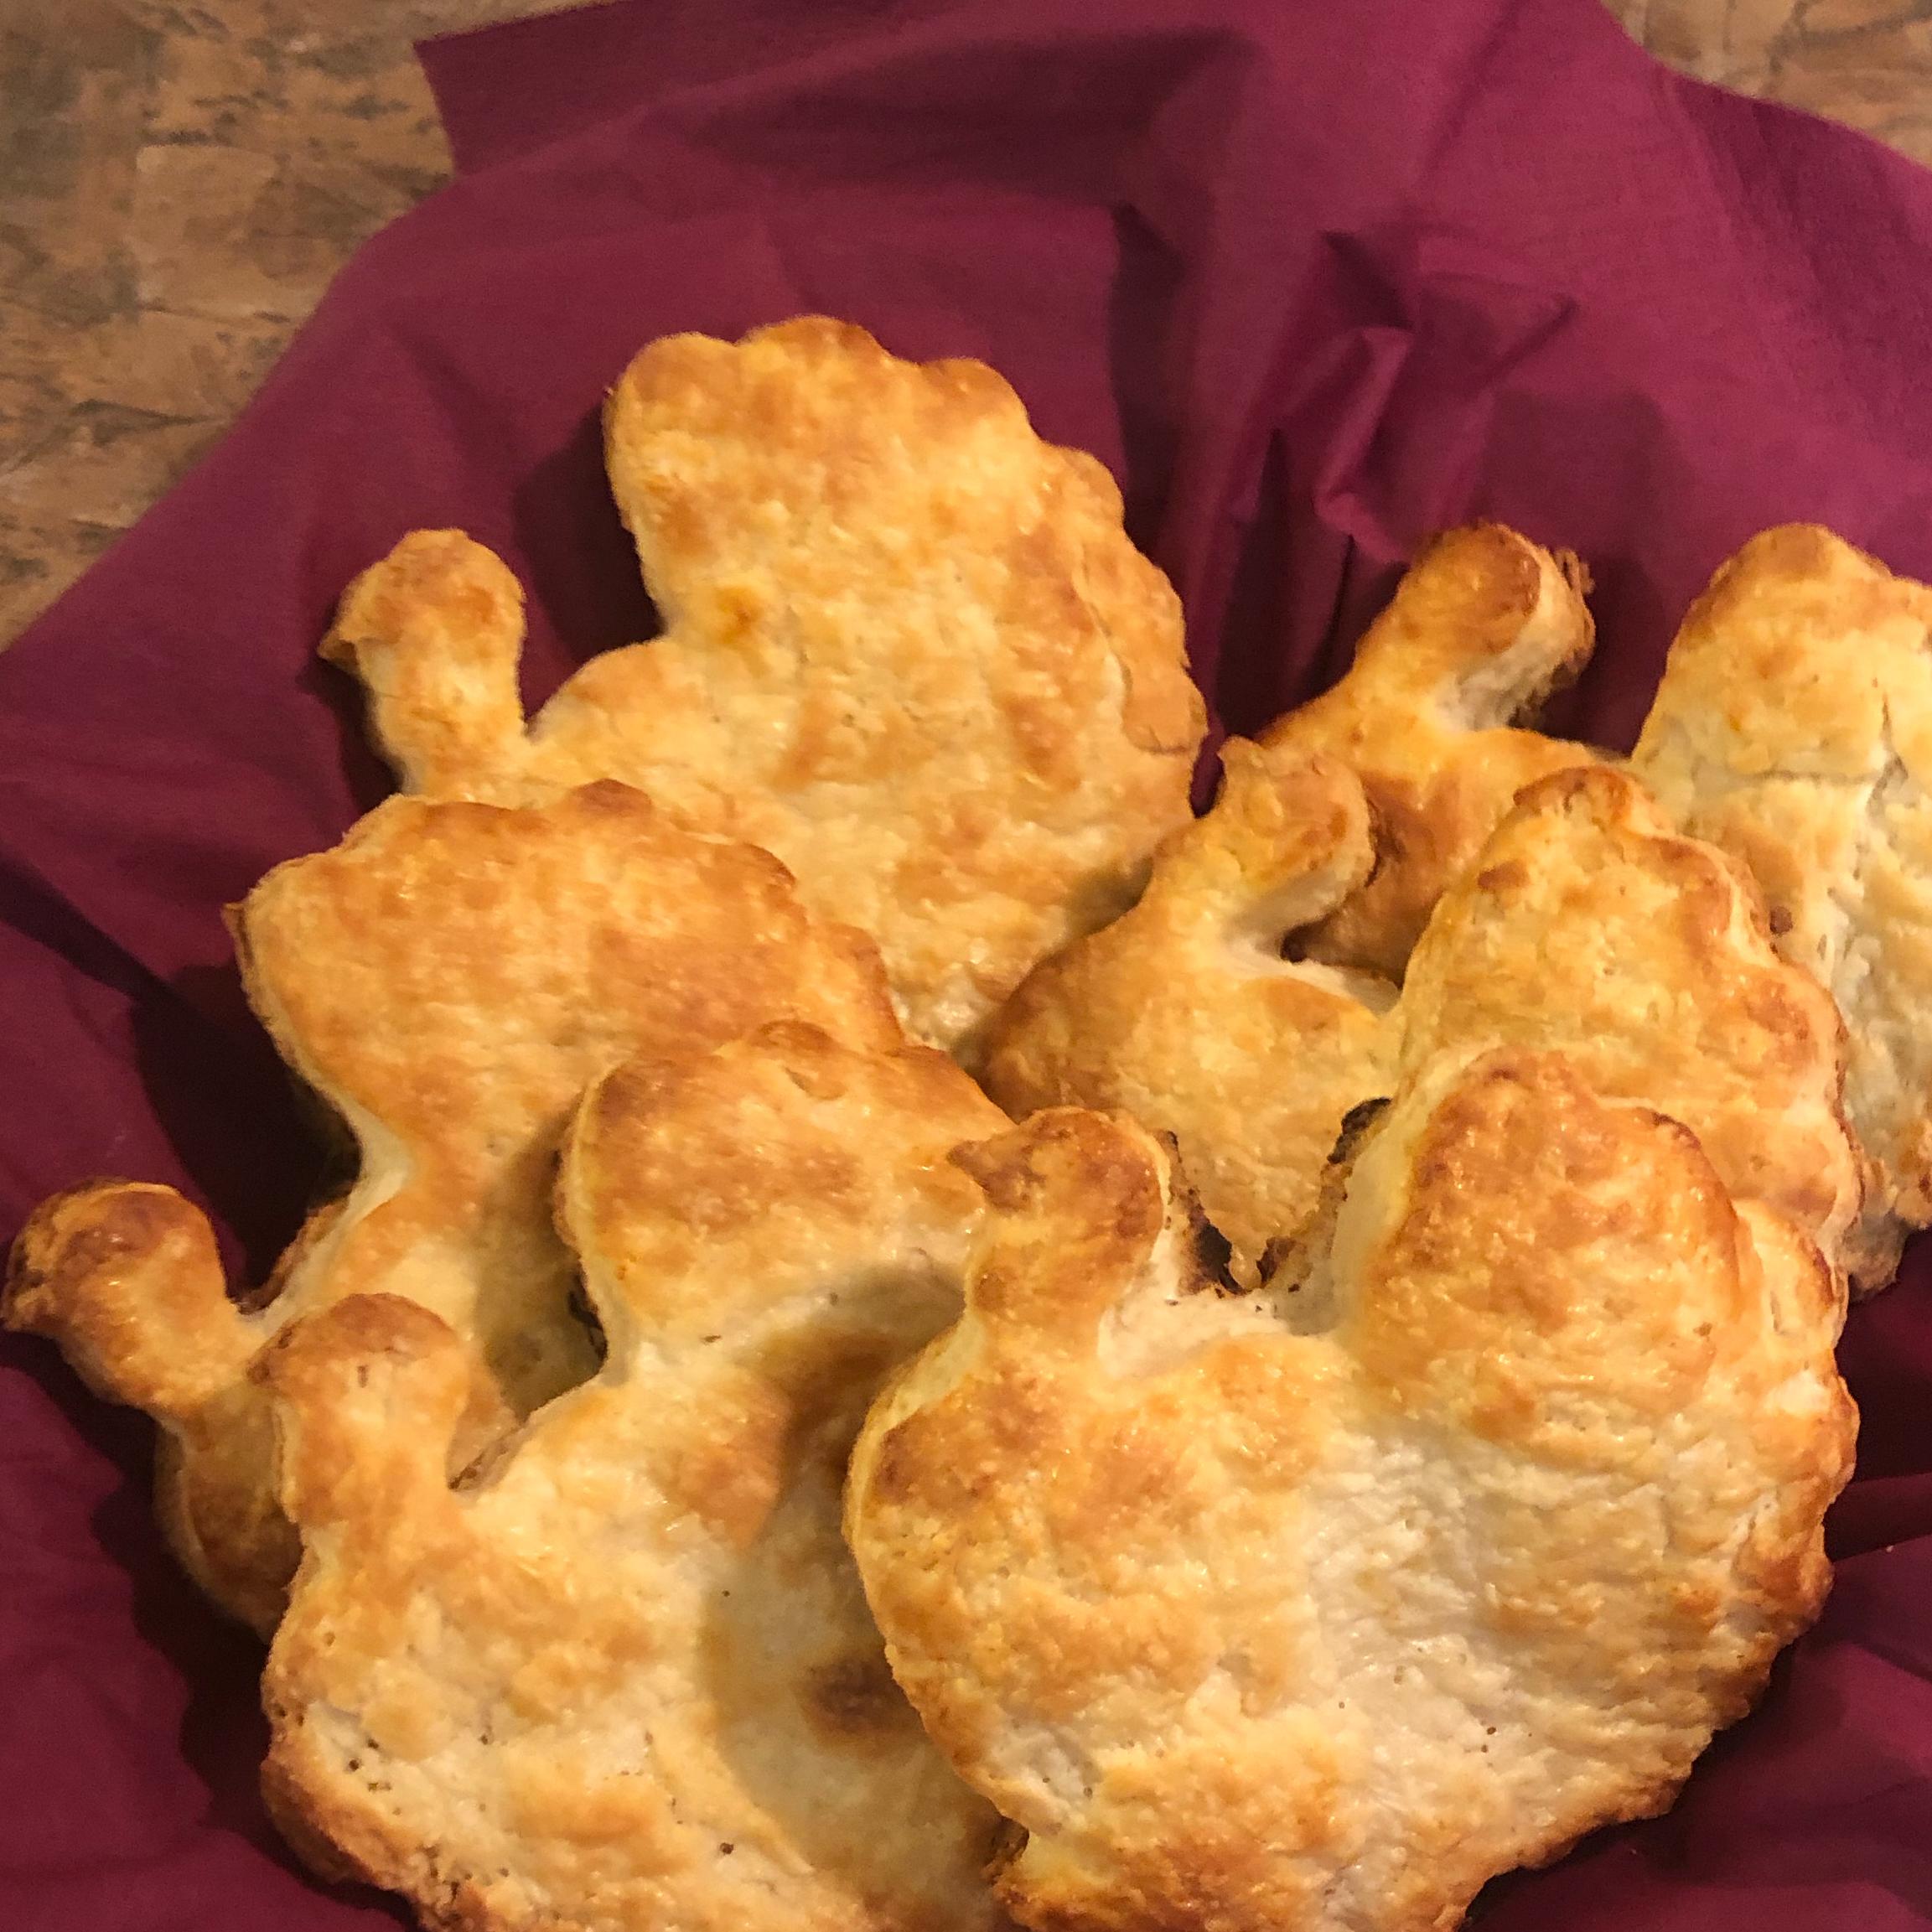 Chef John's Buttermilk Biscuits Julie Bray